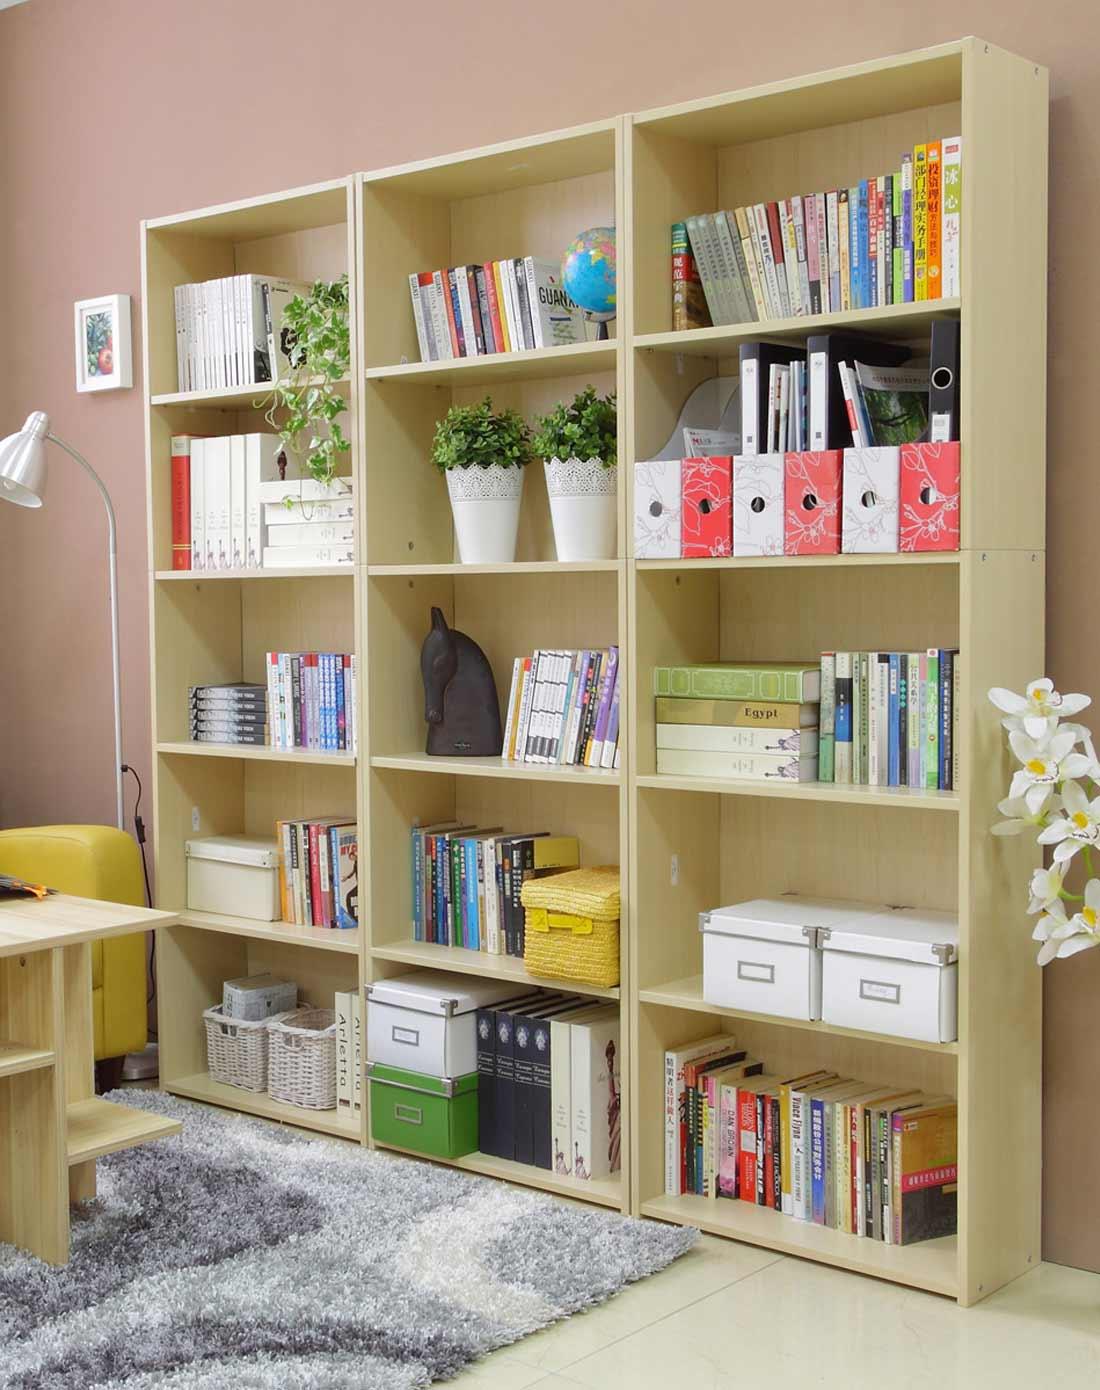 科林书柜书架宜家儿童自由组合简易书柜 书橱 置物架 枫木色